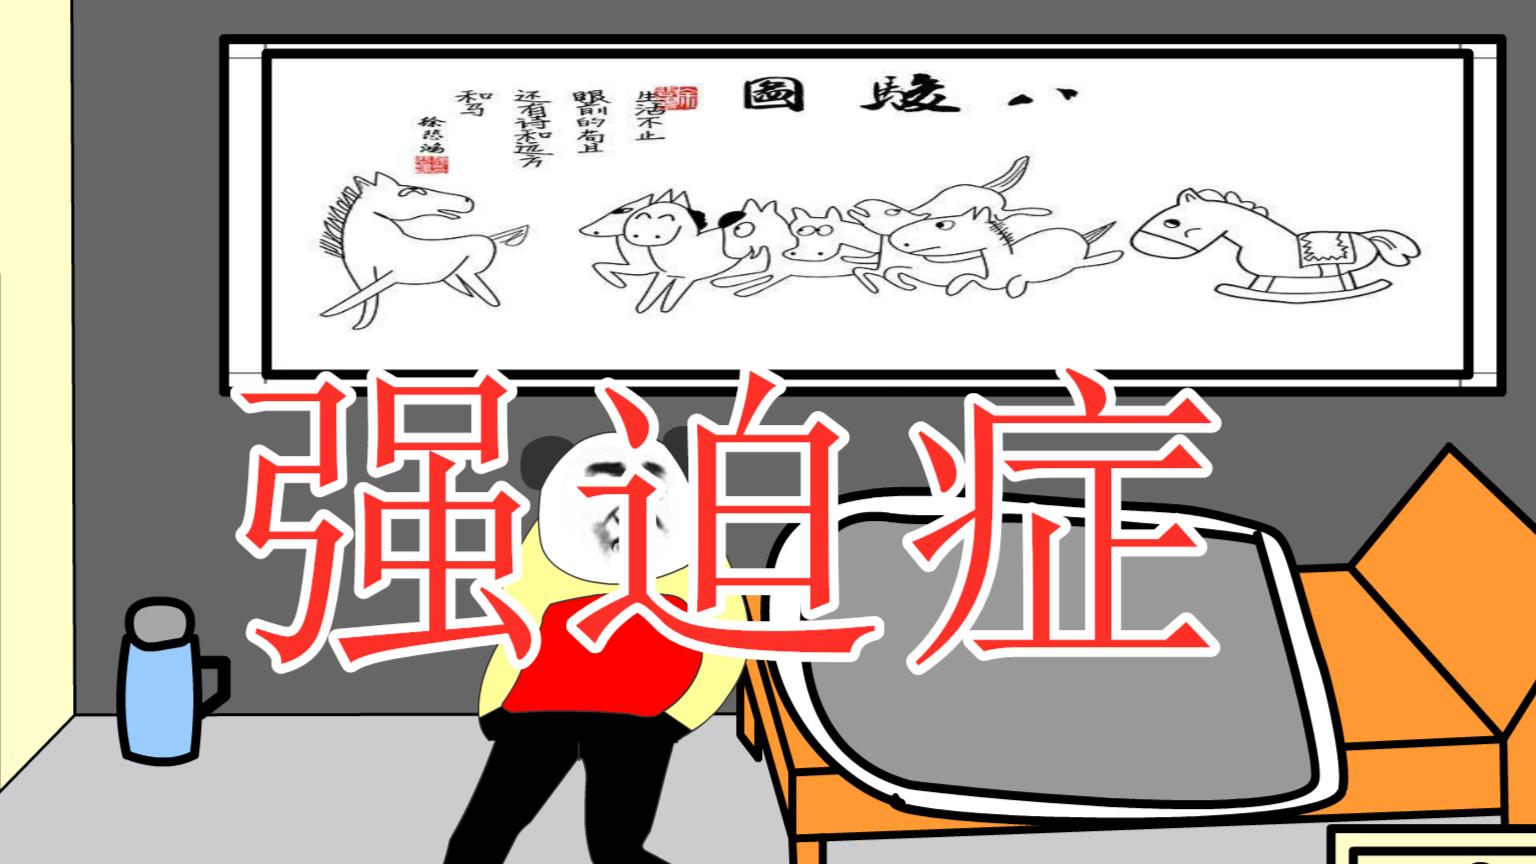 【沙雕动画】强迫症